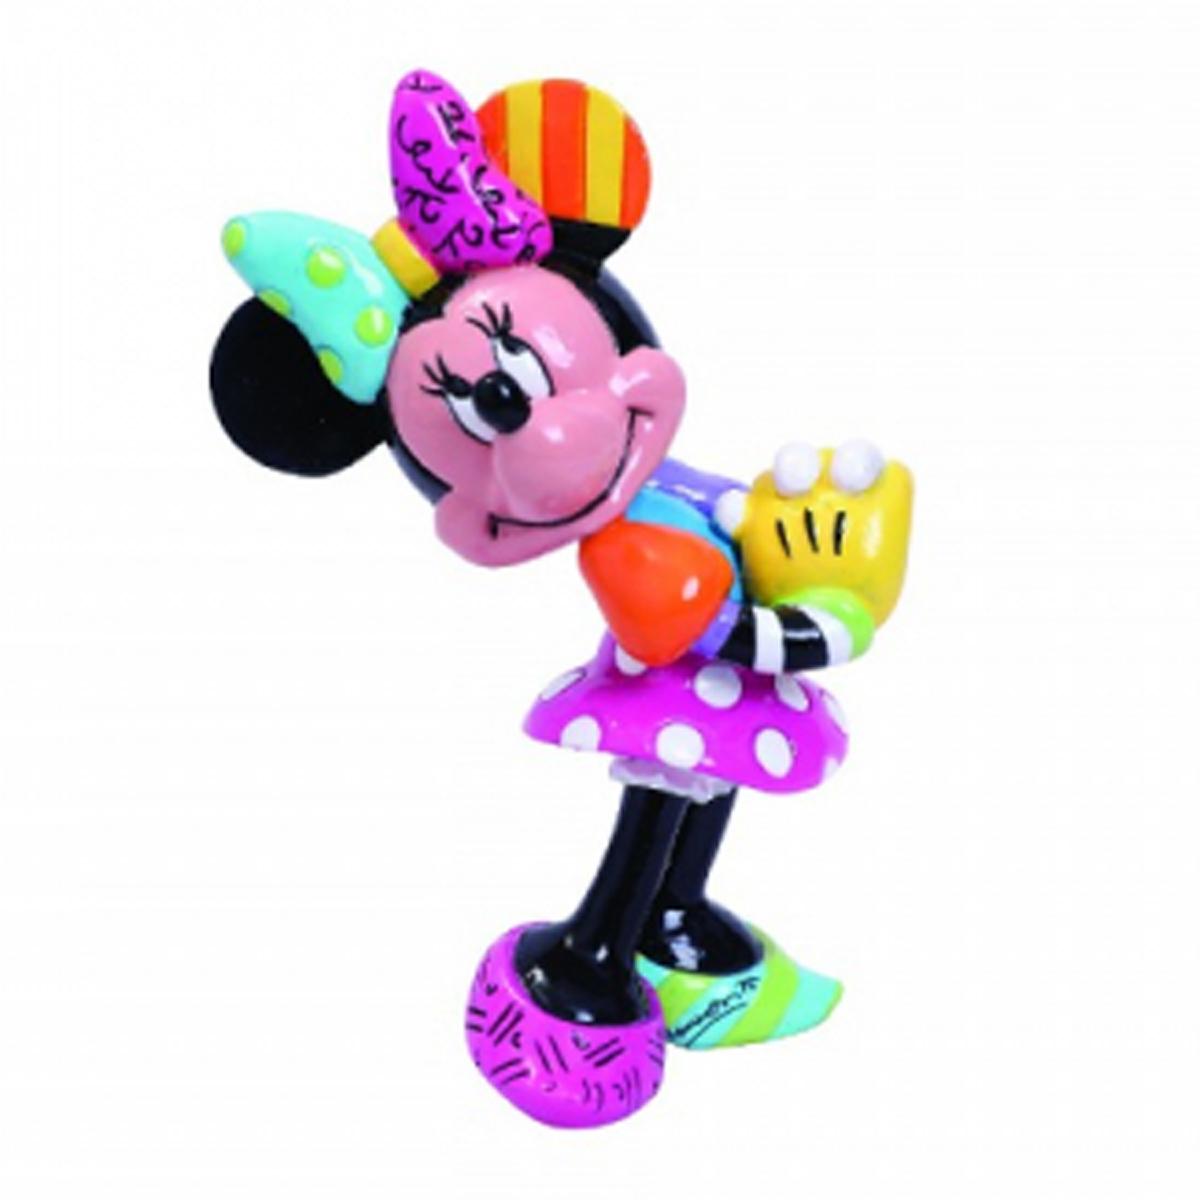 Figurine créateur \'Minnie\' multicolore (Britto) - 80x55 mm - [R2032]